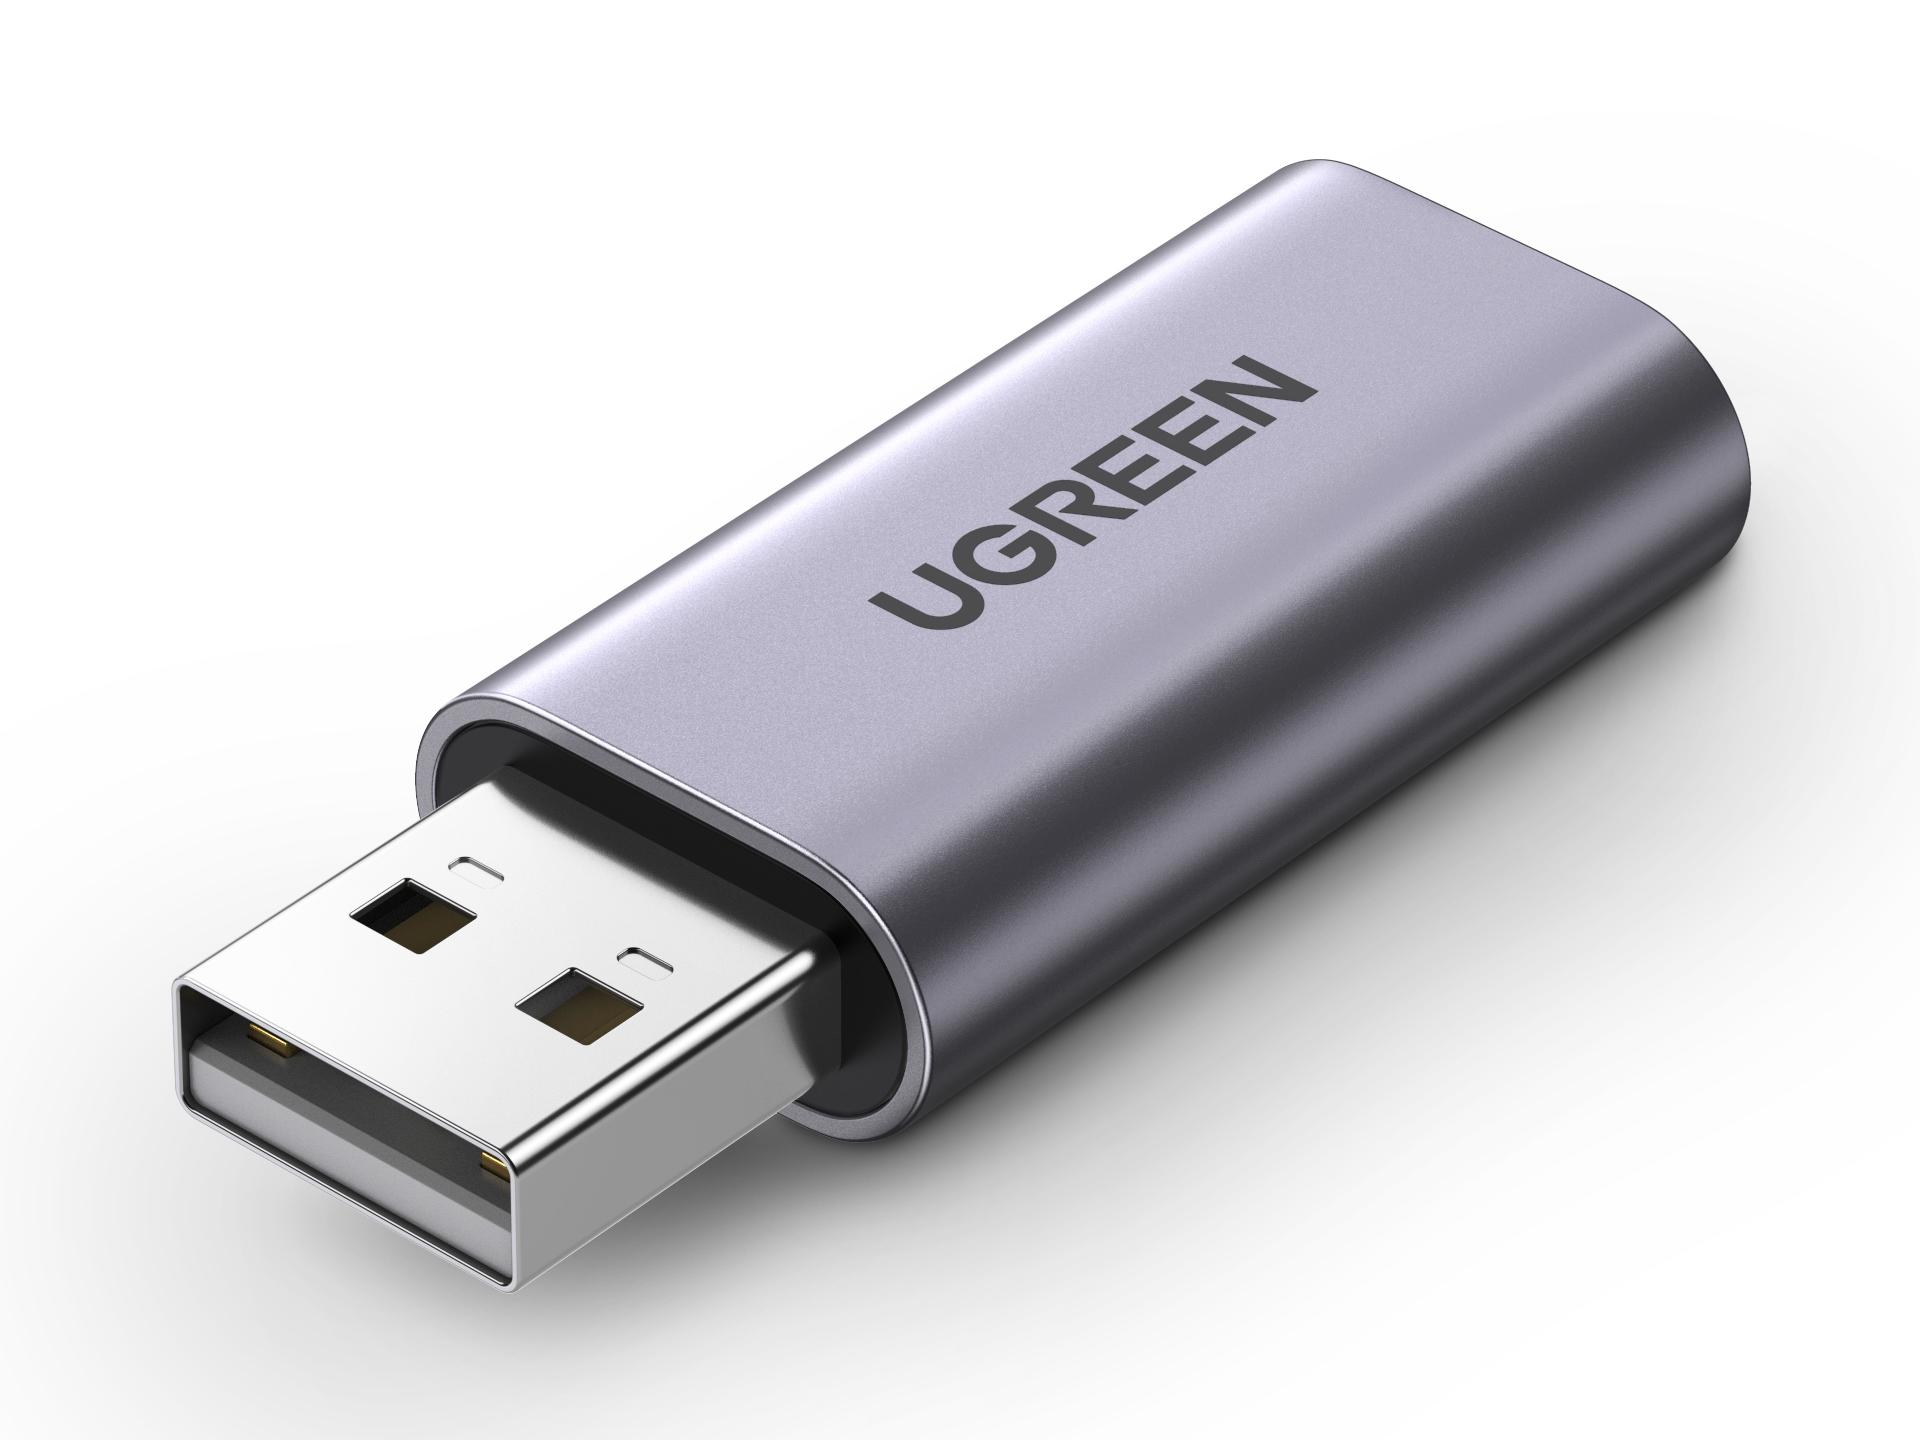 绿联(UGREEN)CM383 USB 2.0外置声卡